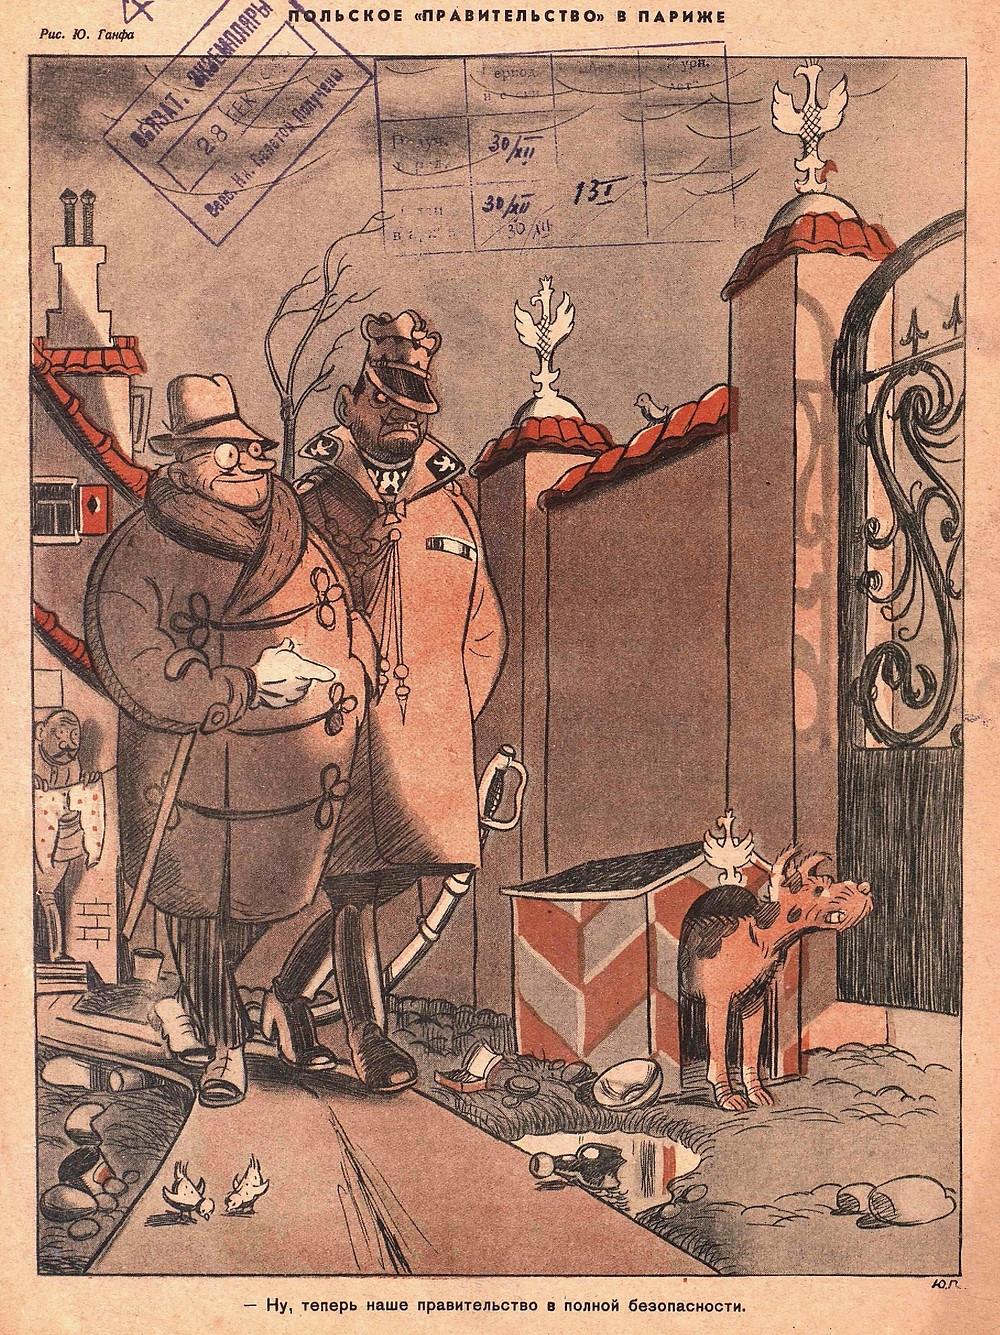 Журнал крокодил 1939г, №34. Секретный пакт Молотова, оккупация Польши. Комиксы СССР.